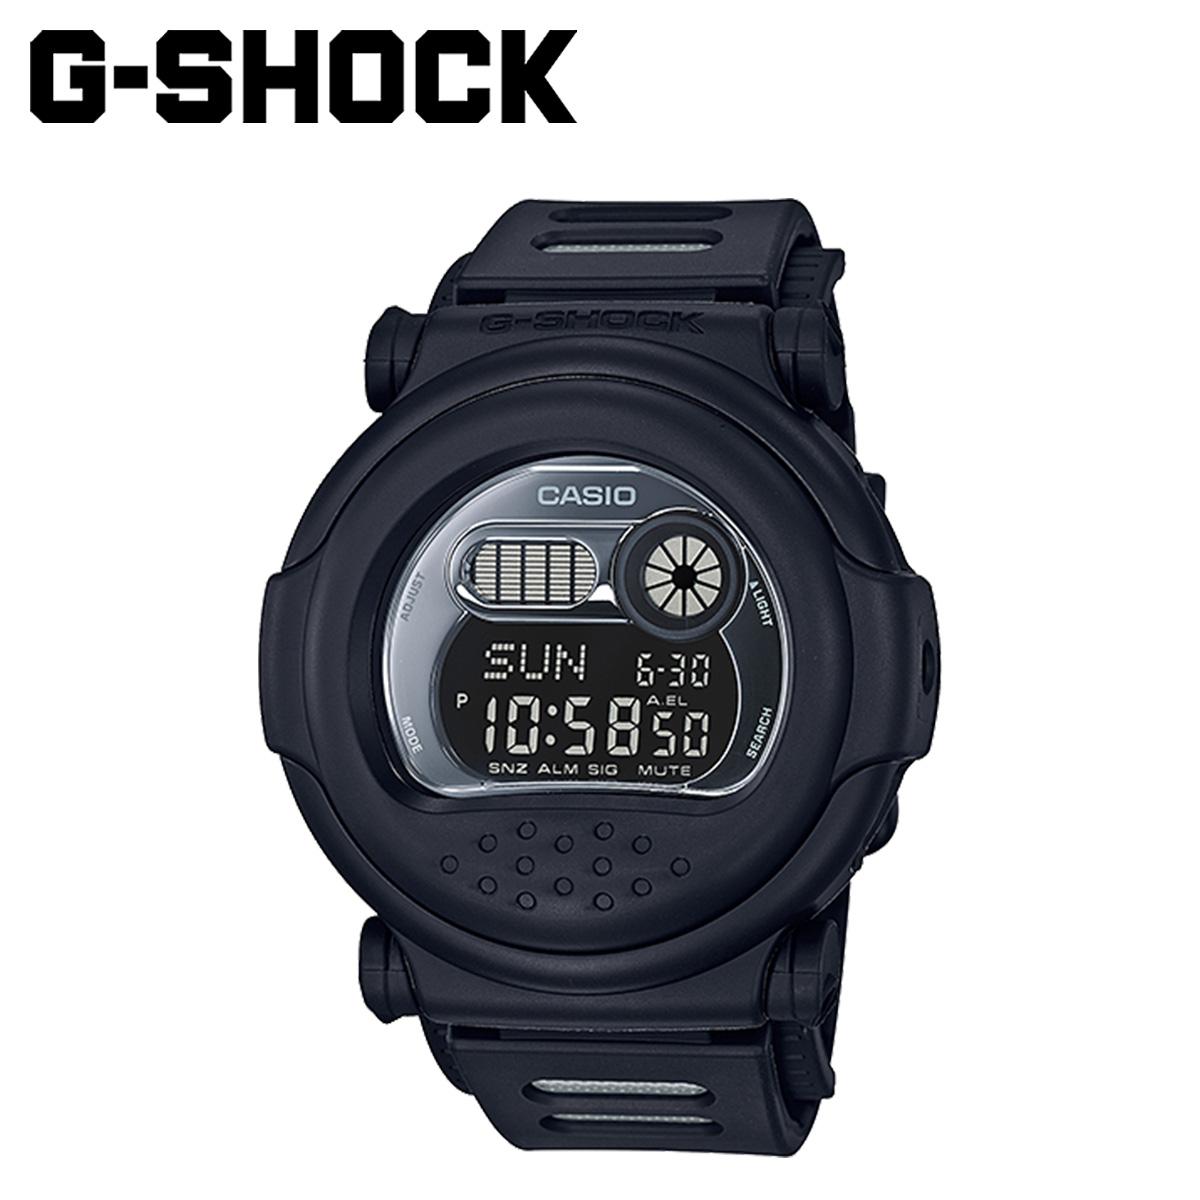 Casio G Shock Casio Watch G 001bb 1jf Black Men Gap Dis